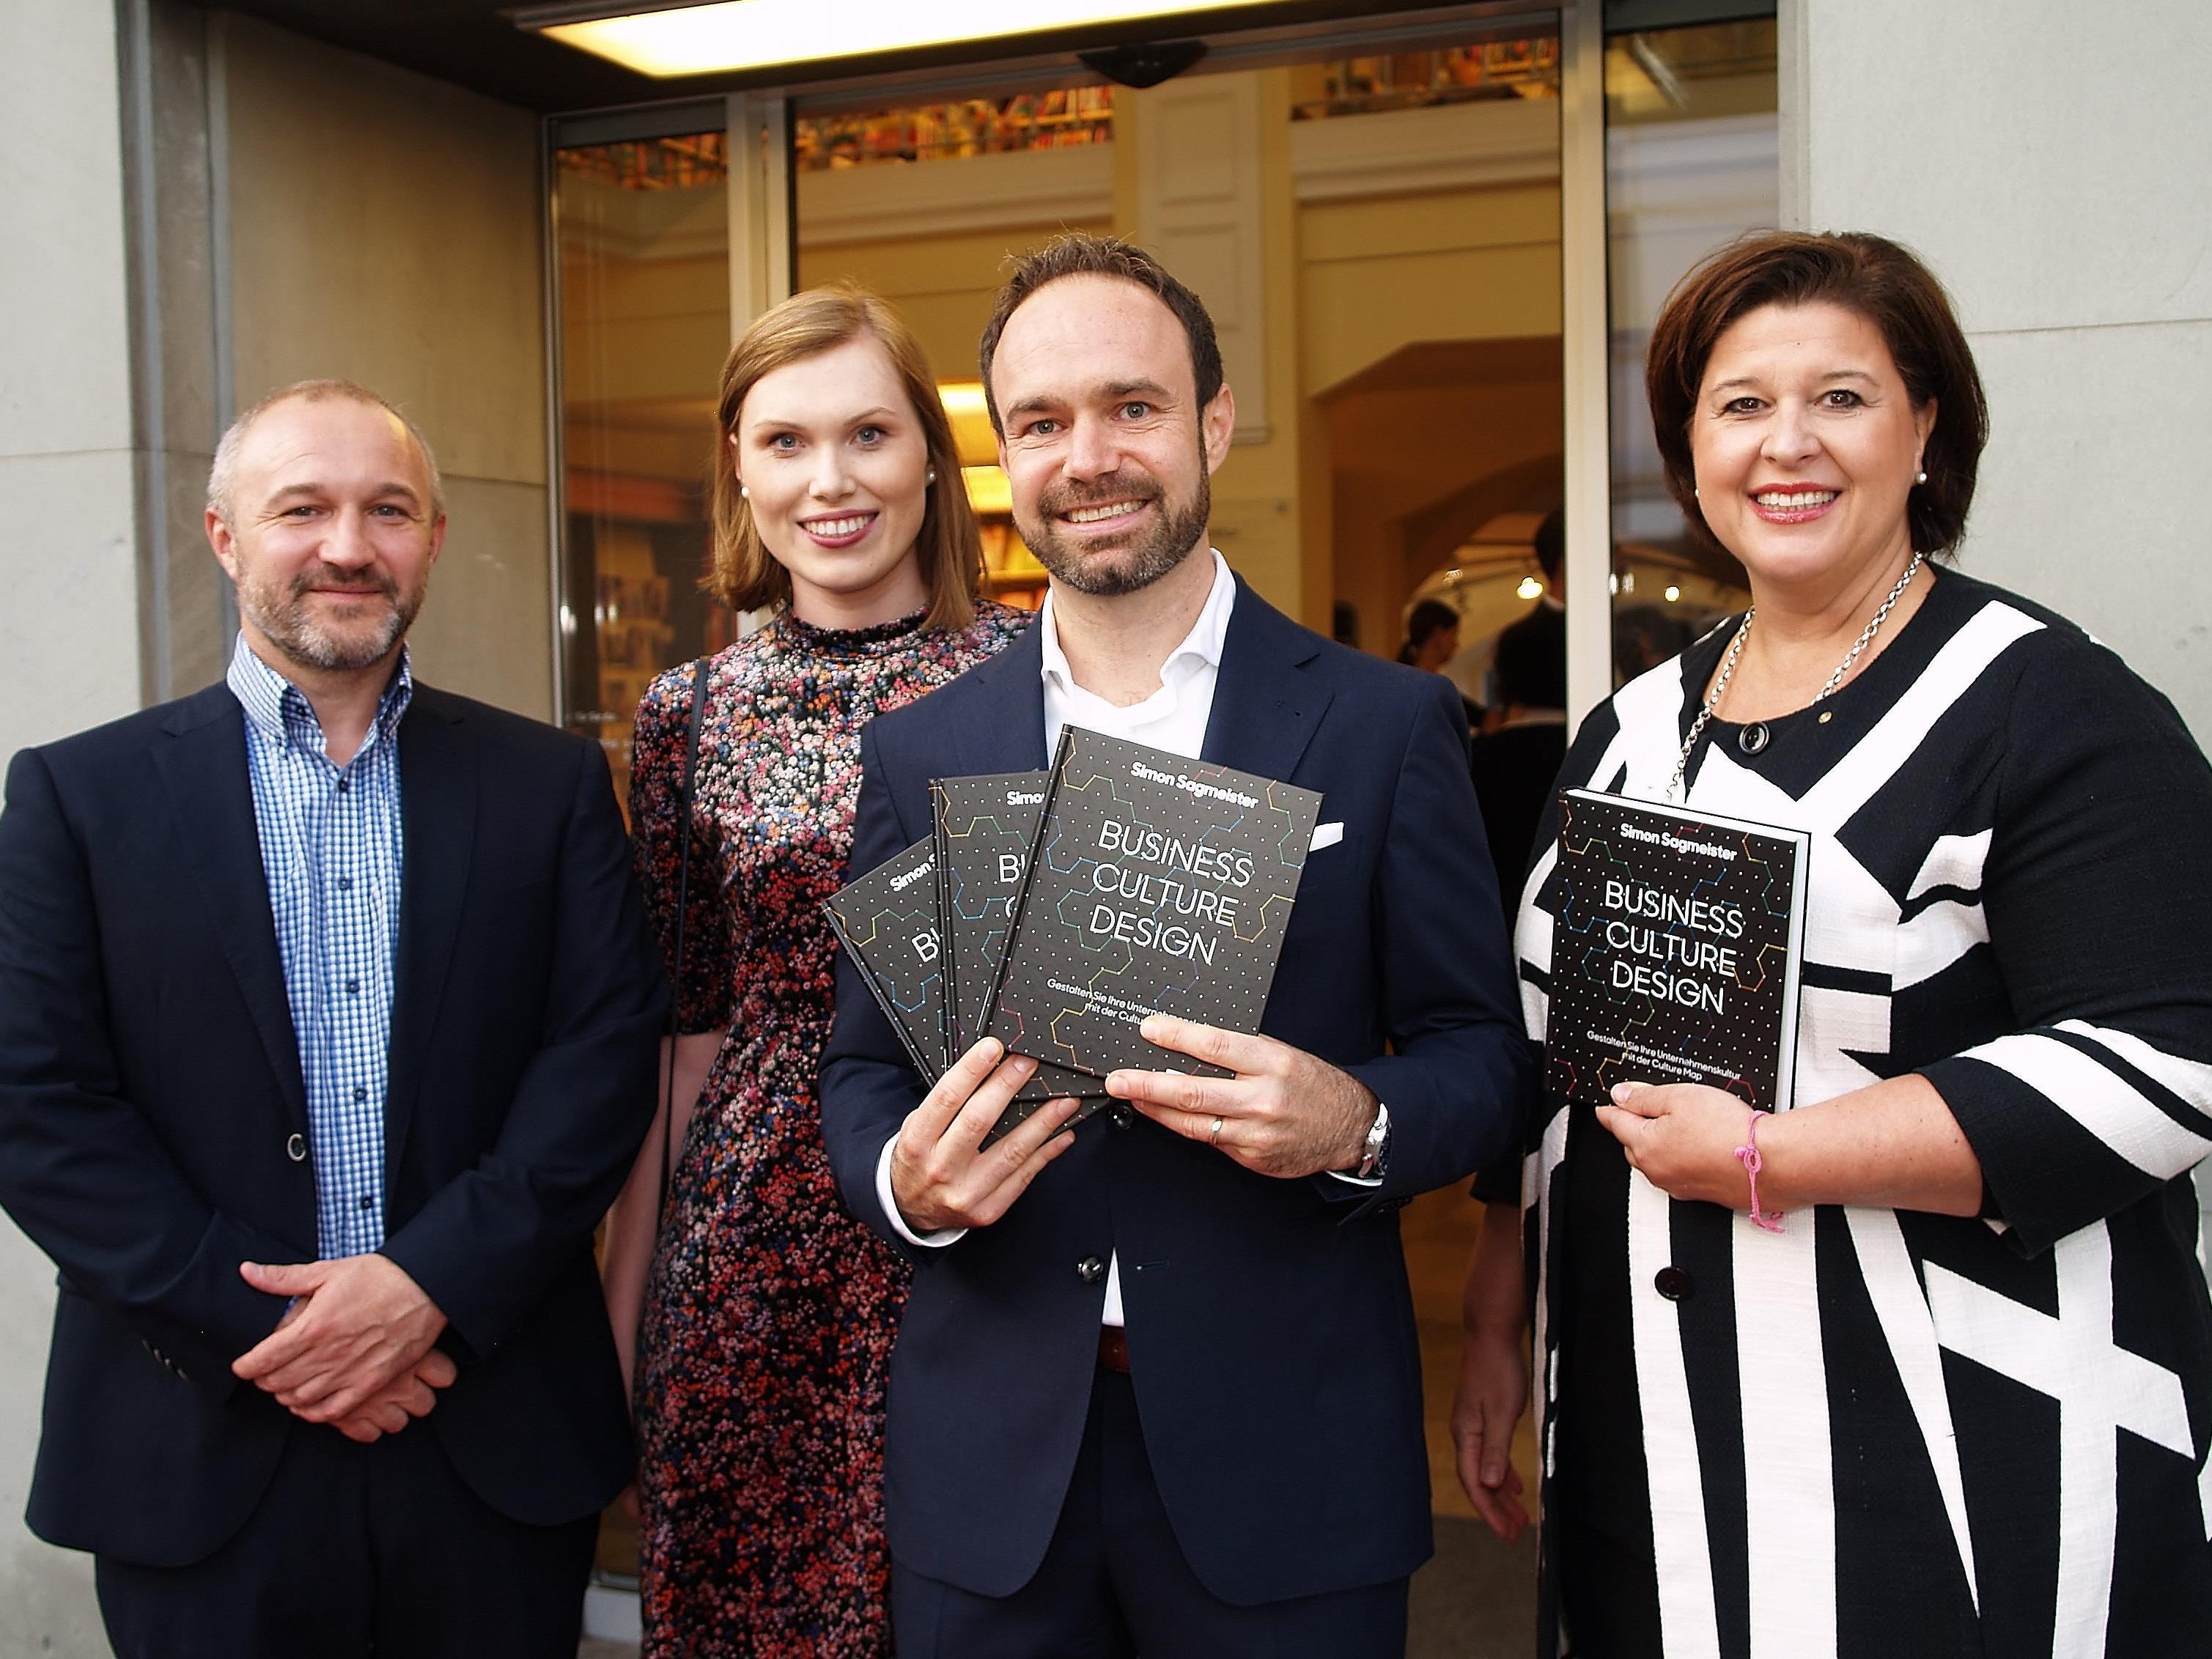 Thomas Haller, Autor Simon Sagmeister mit Karolina, sowie Verena Brunner - Loos (Buchhandlung Brunner) bei der Buchpräsentation